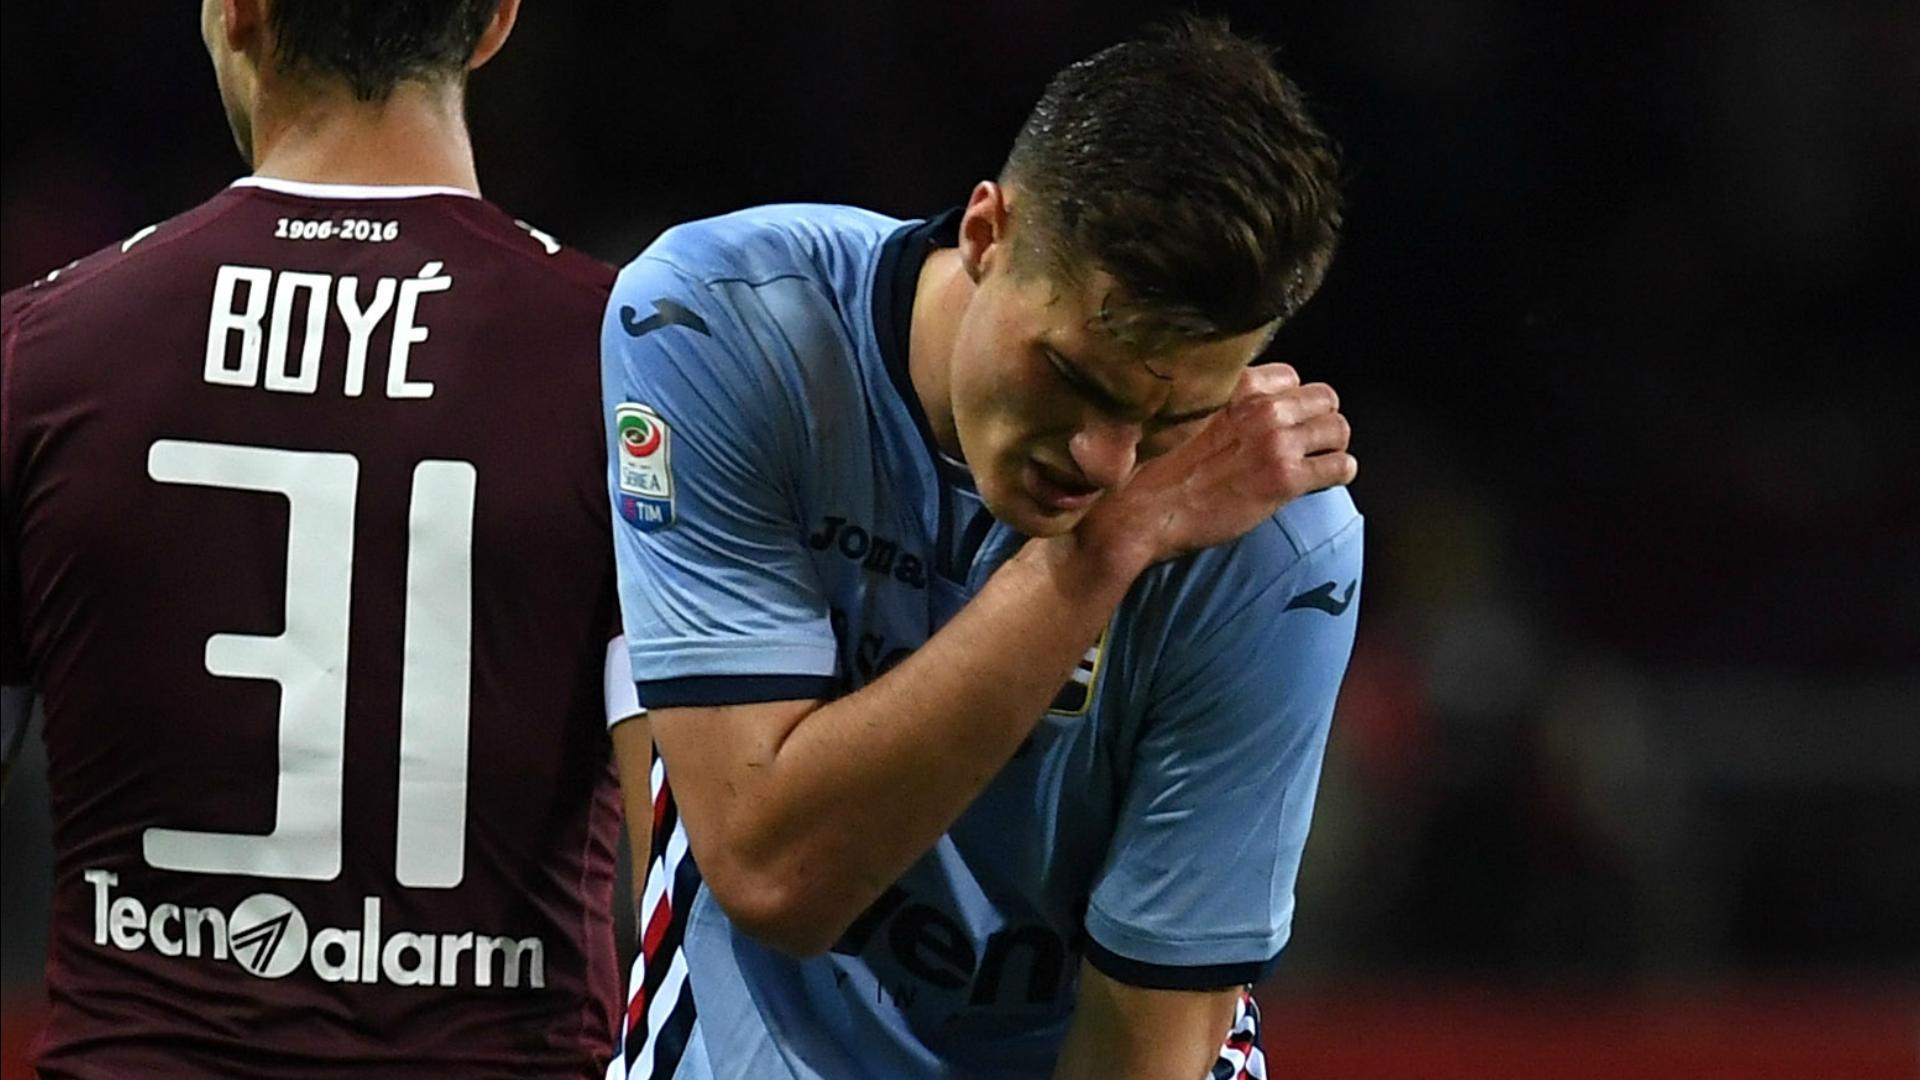 Calciomercato Juventus, salta l'acquisto di Schick? Problemi alle visite mediche